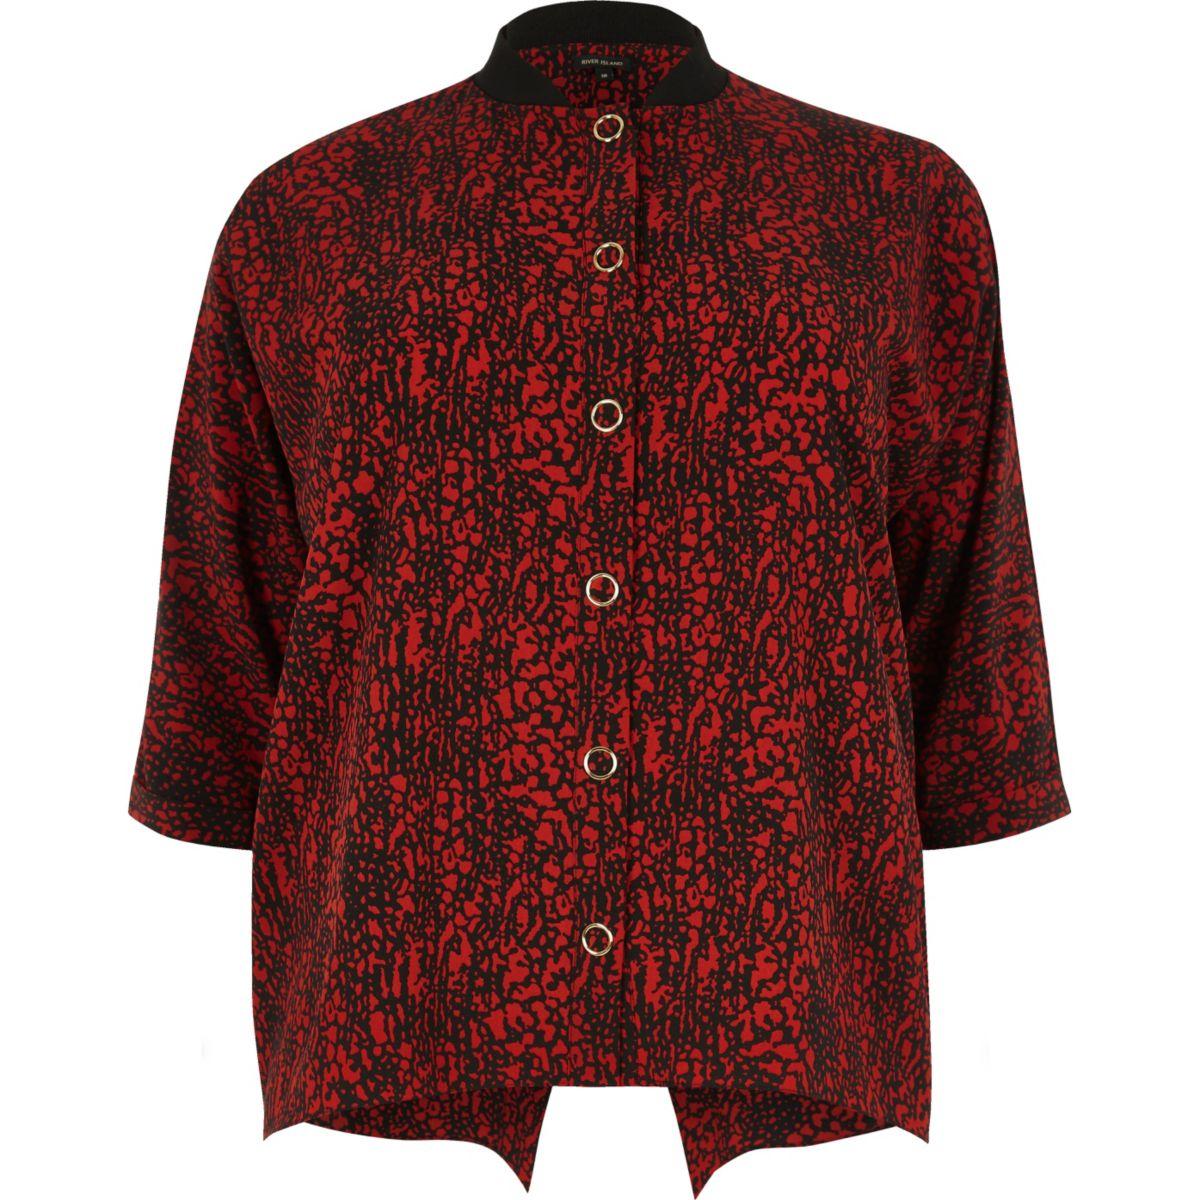 Chemise Plus imprimée rouge à boutons pression